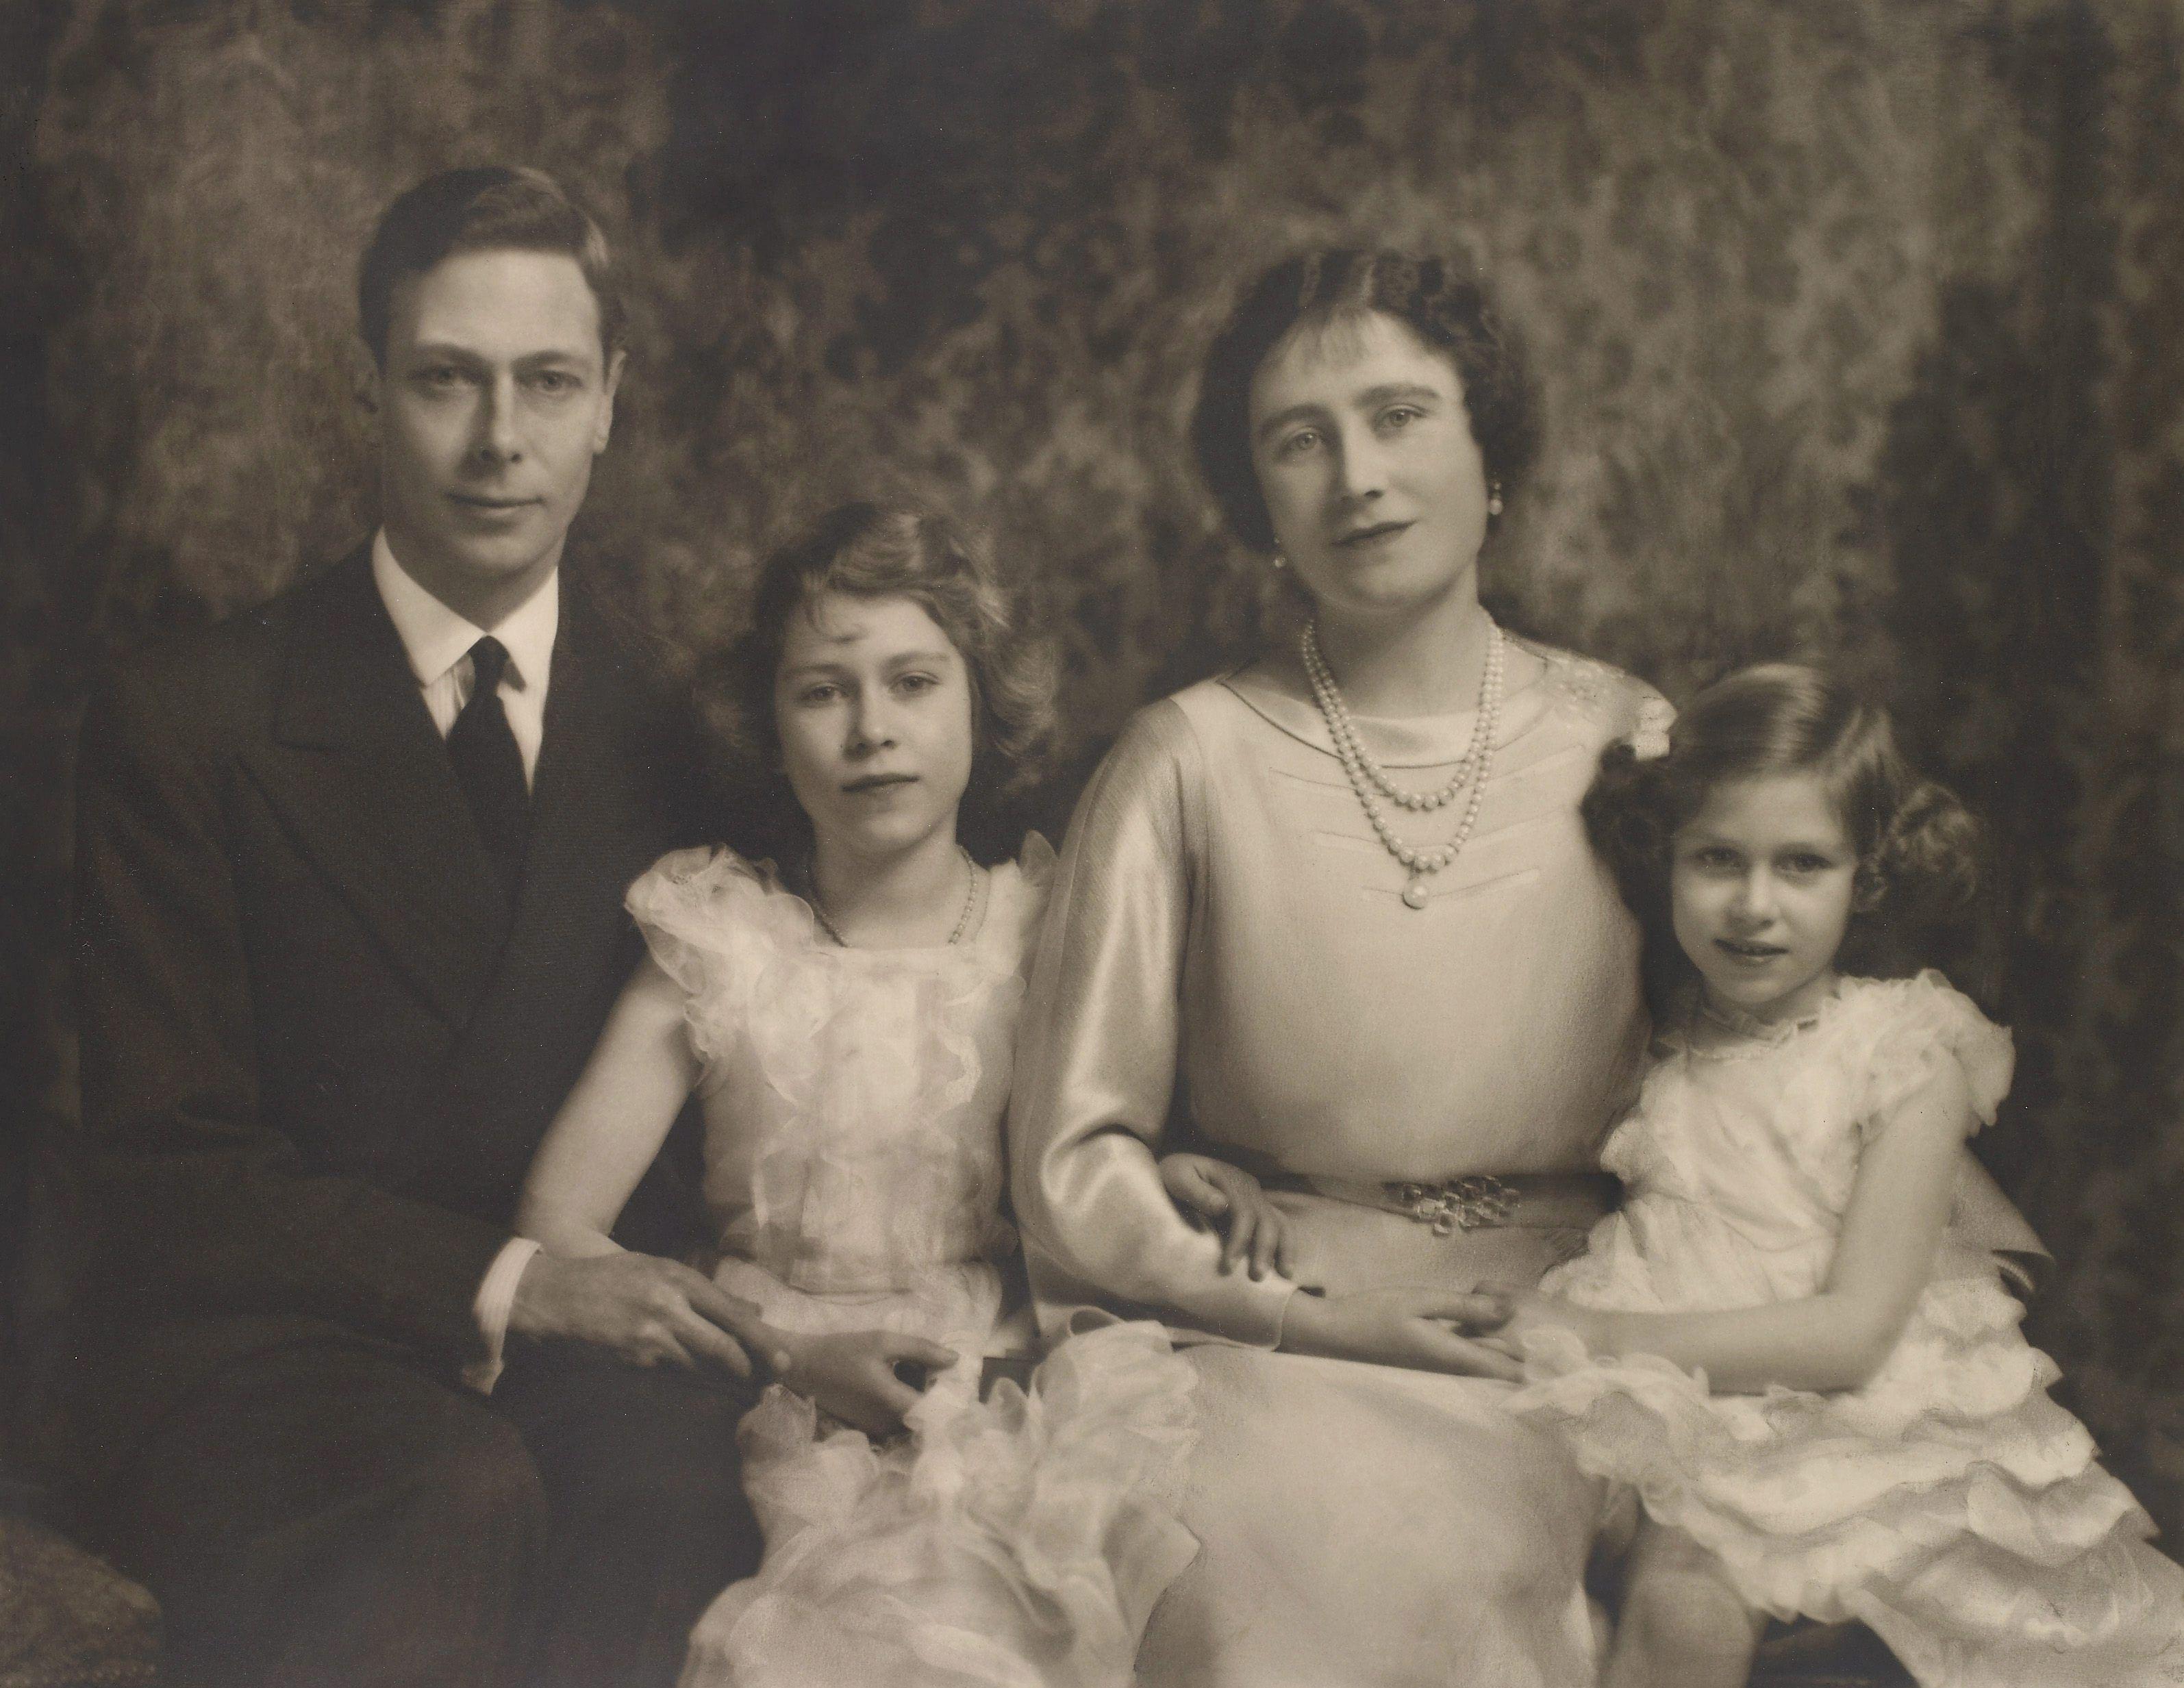 """Retrato del rey GeorgeVI y la reina Elizabeth acompañados de sus hijas las princesas Elizabeth II y Margaret tomado en diciembre de 1936 y facilitado por la Royal Collection de Londres como parte de la exposición titulada """"Marcus Adams: Fotógrafo real"""". (Archivo)"""